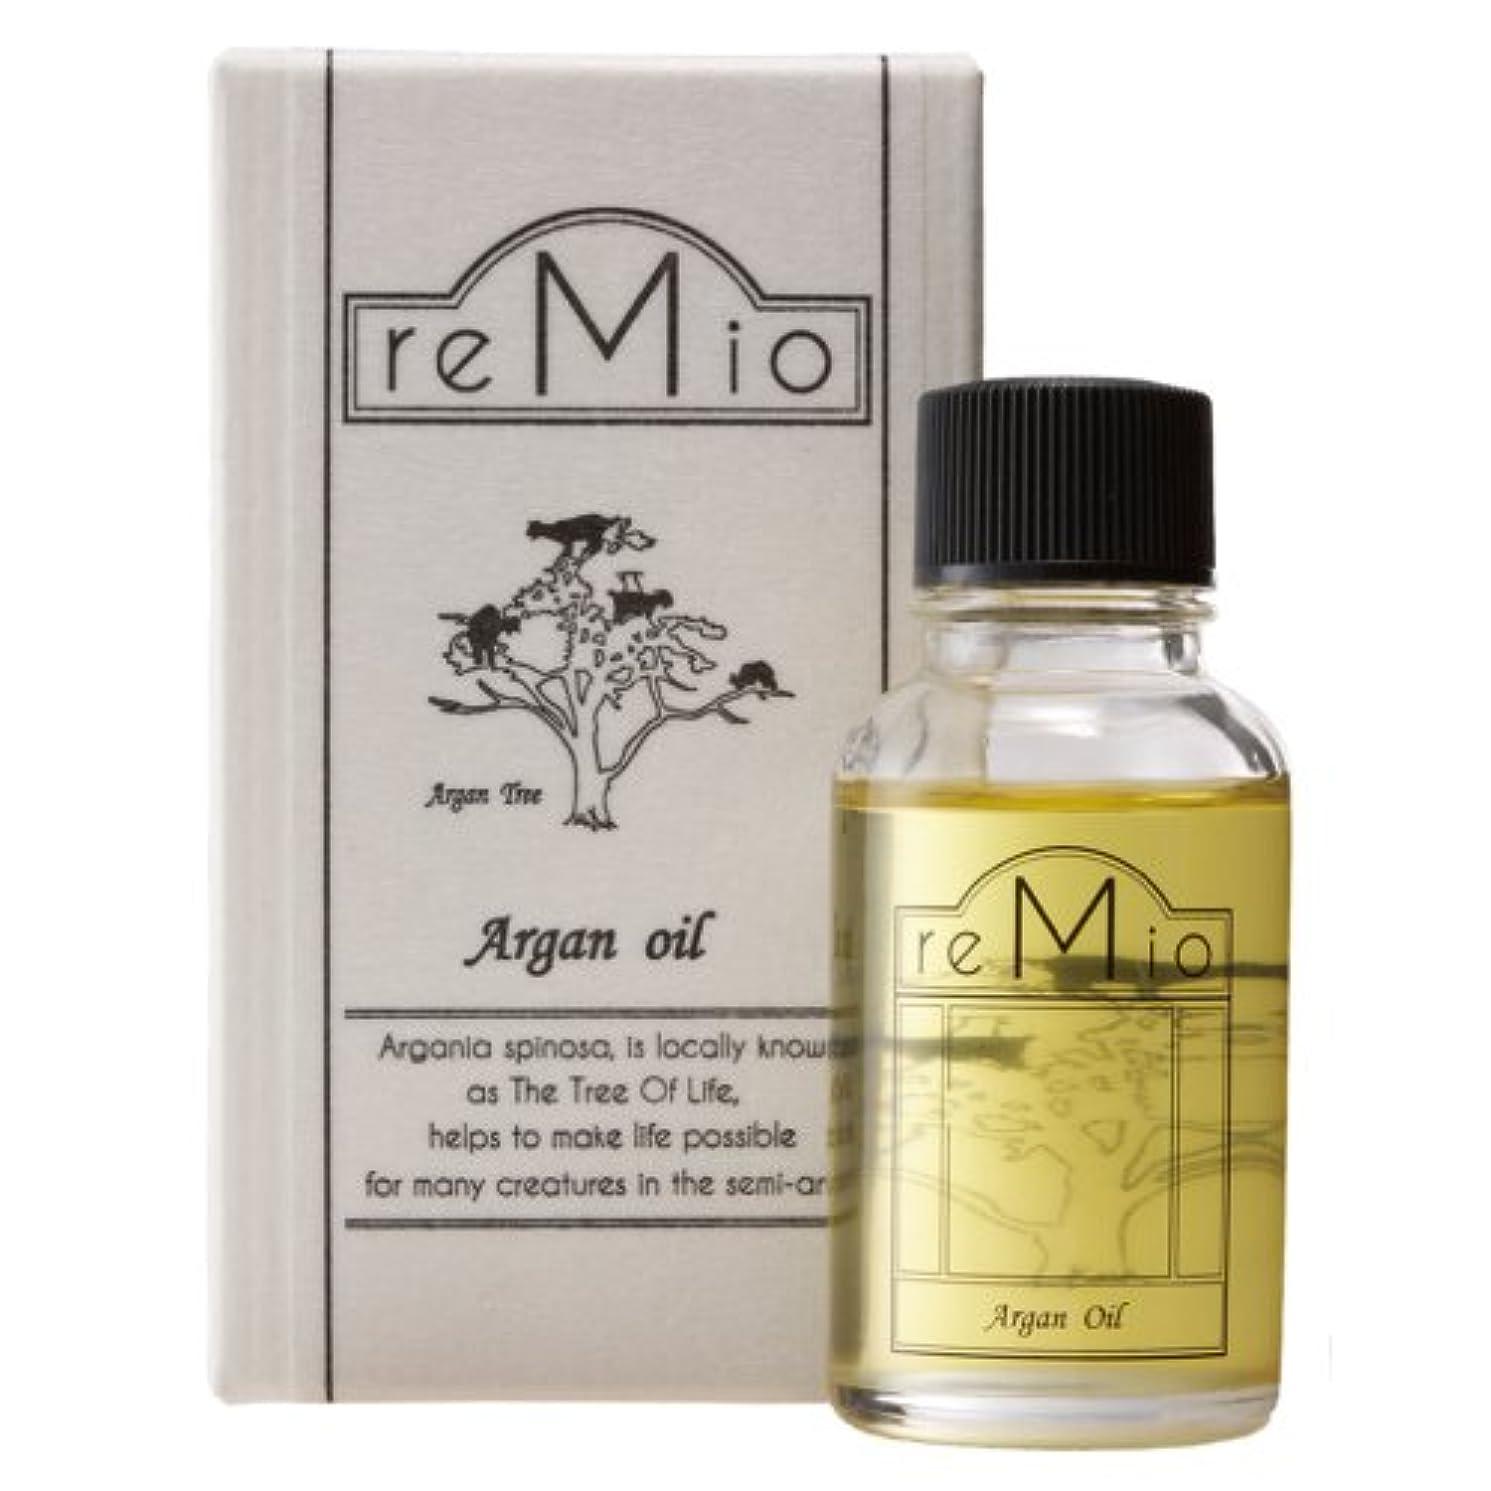 カウンタに慣れホールドレミオ(REMIO) オーガニックアルガンオイル